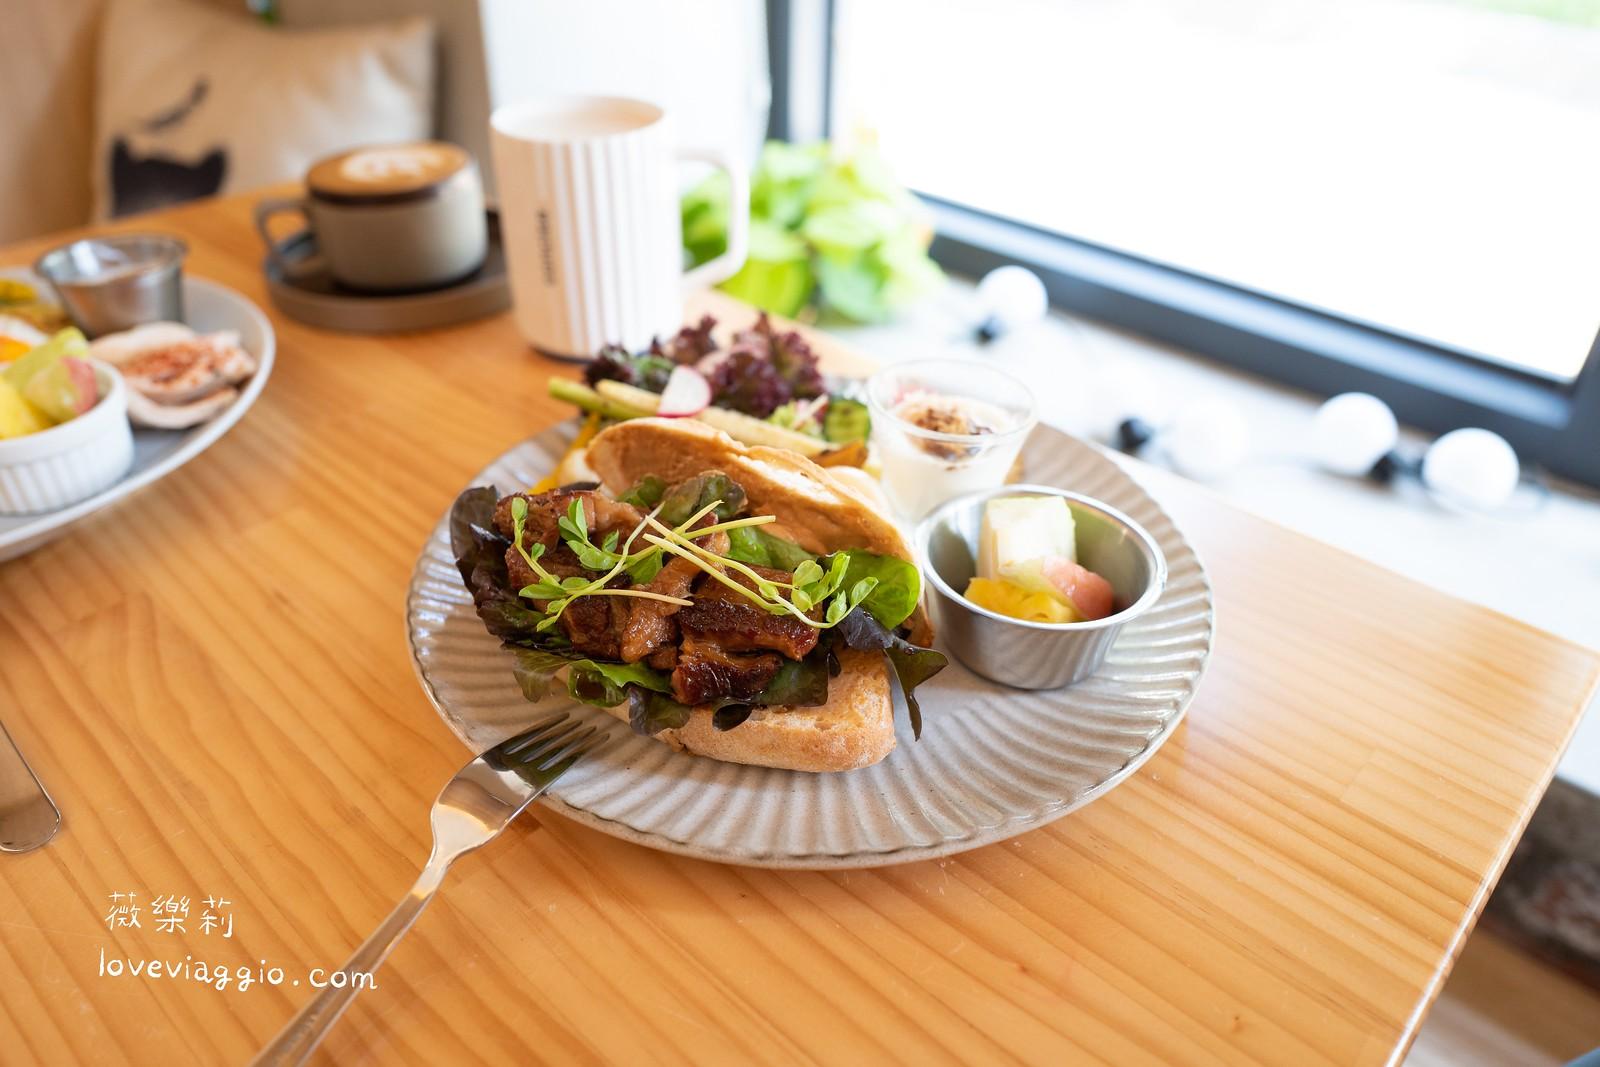 【台東 Taitung】樂食 Love EAT 手工嚴選食材 豐盛美味的早午餐開啟一天的旅程 @薇樂莉 Love Viaggio | 旅行.生活.攝影